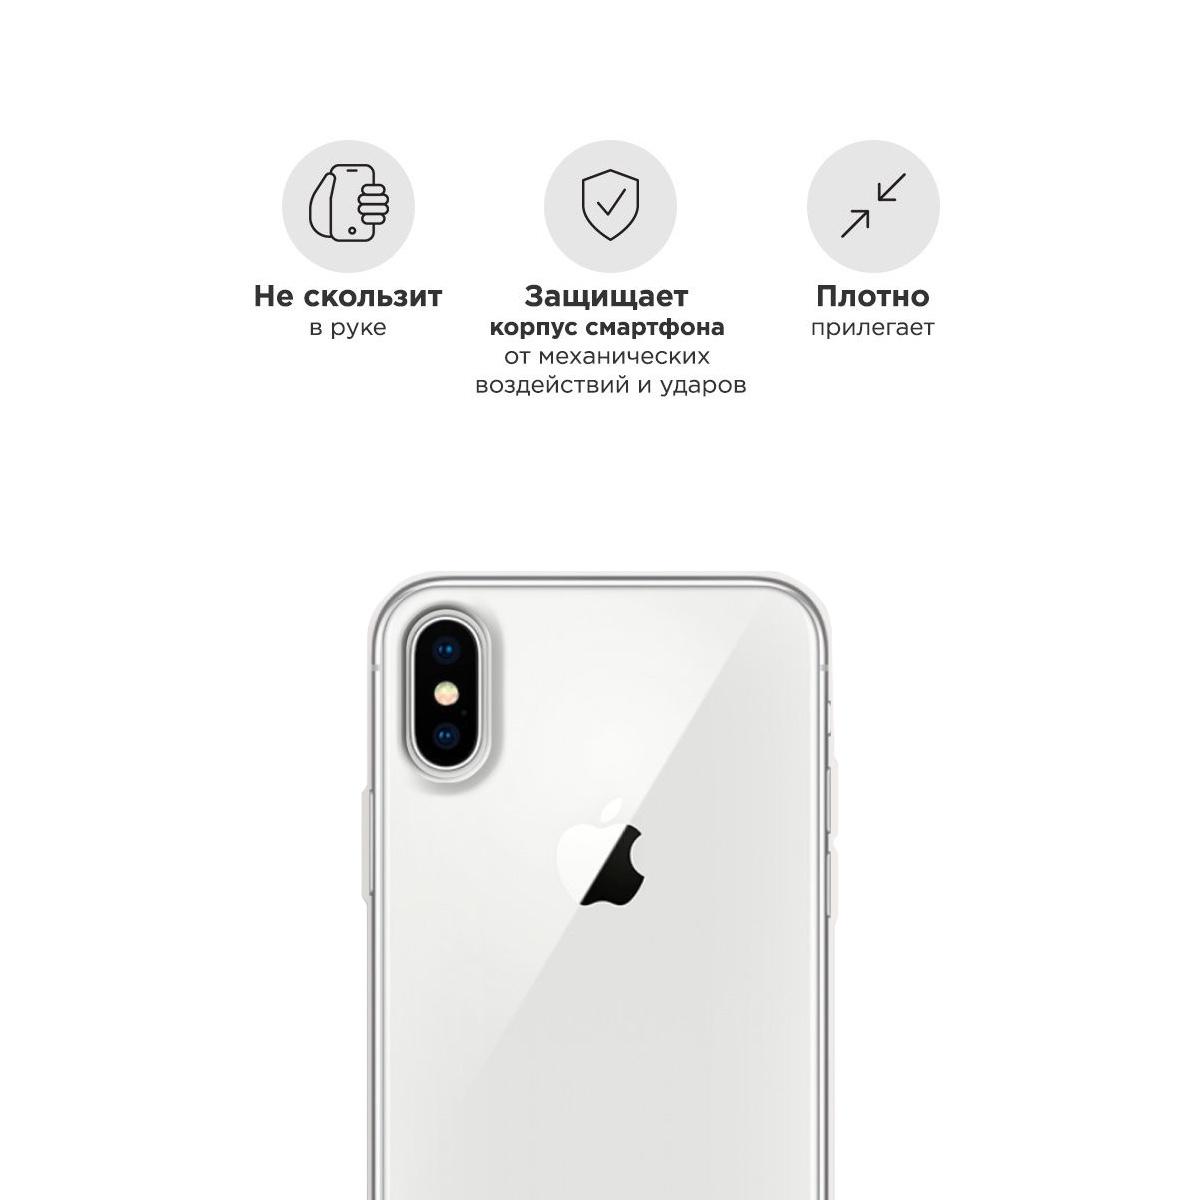 Прозрачный силиконовый чехол для iPhone XsMax Cat Woman/ Женщина кошка Русая для Айфон 10С Макс